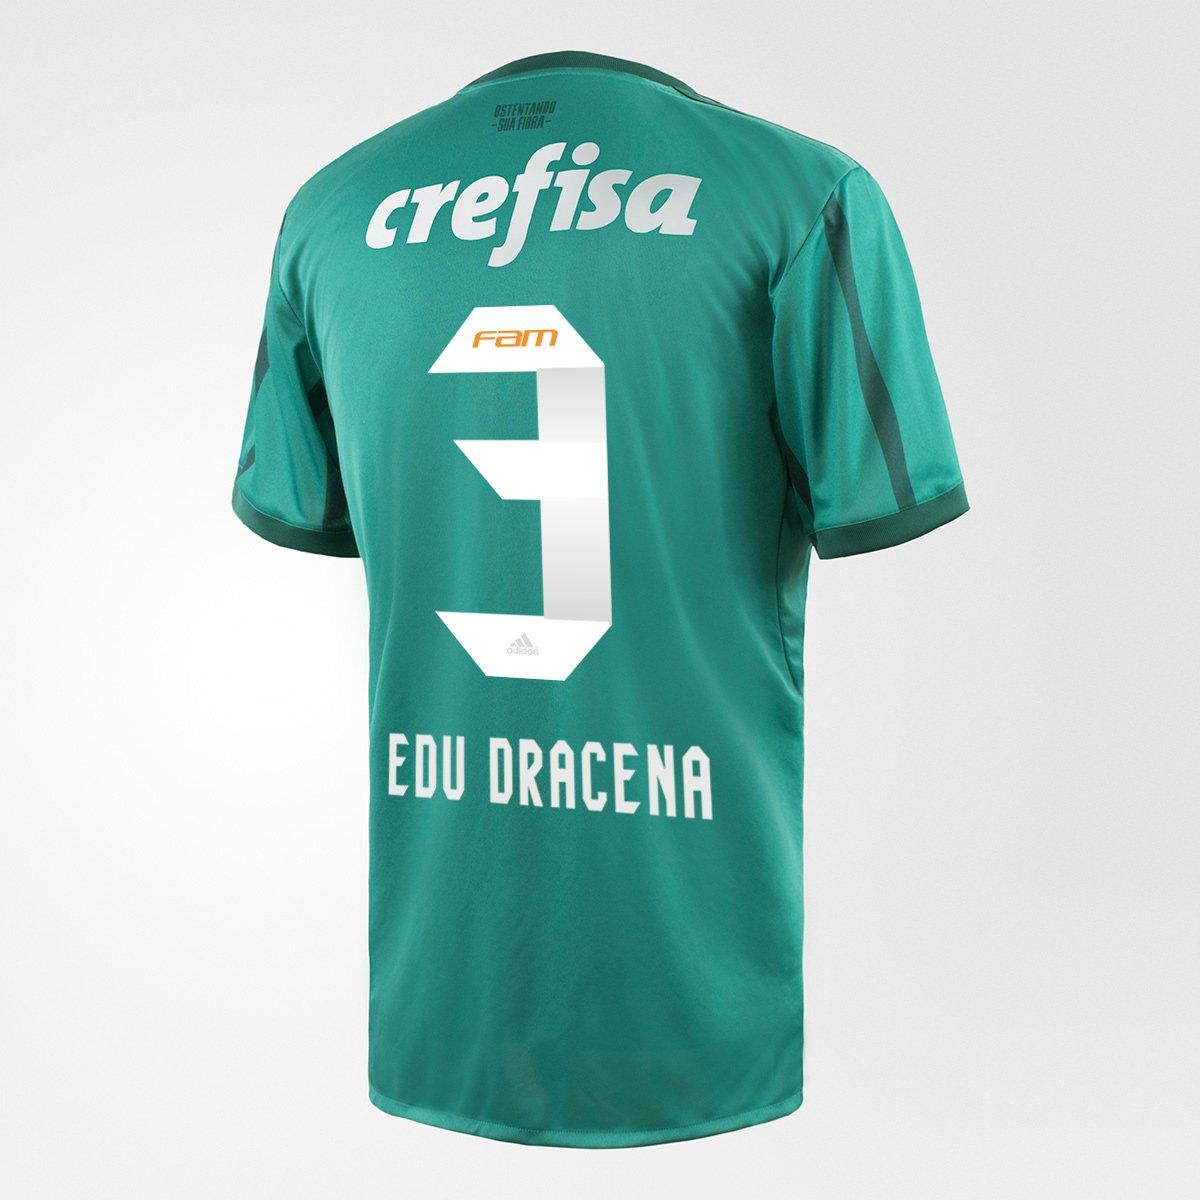 Camisa Palmeiras SP I 17 18 N° 3 - Edu Dracena Adidas Masculina - Compre  Agora  ffe039b43d4fd